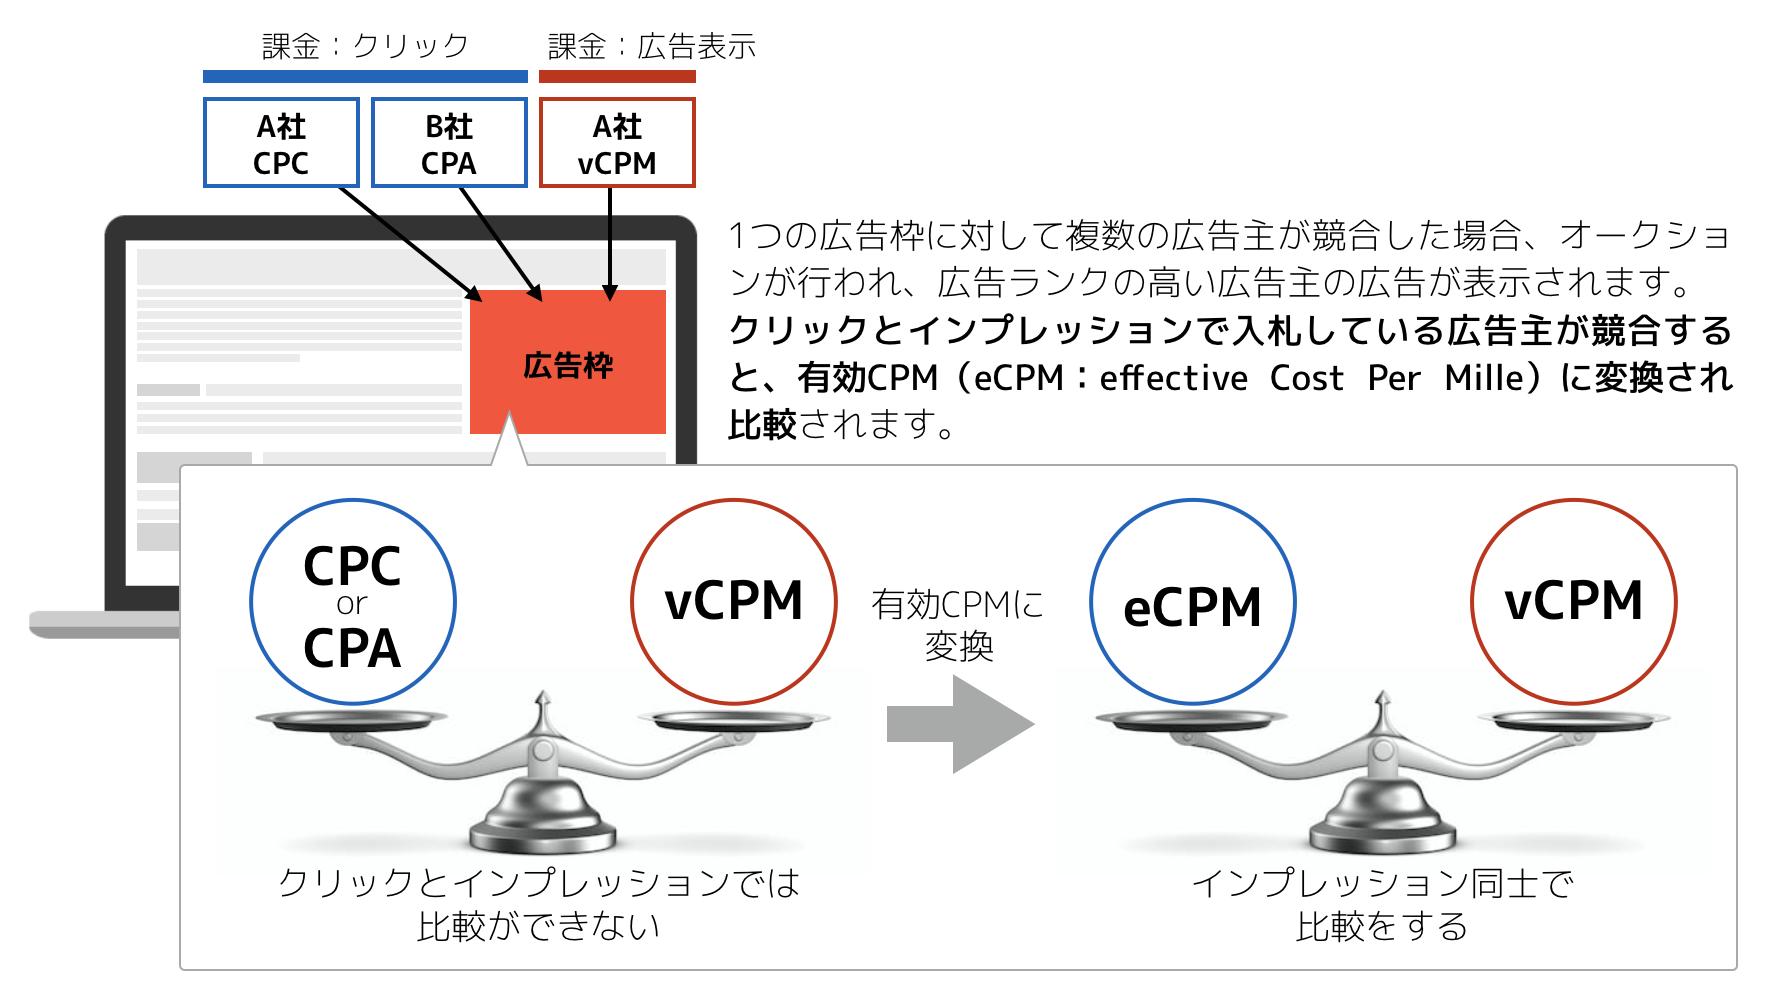 有効CPMの説明